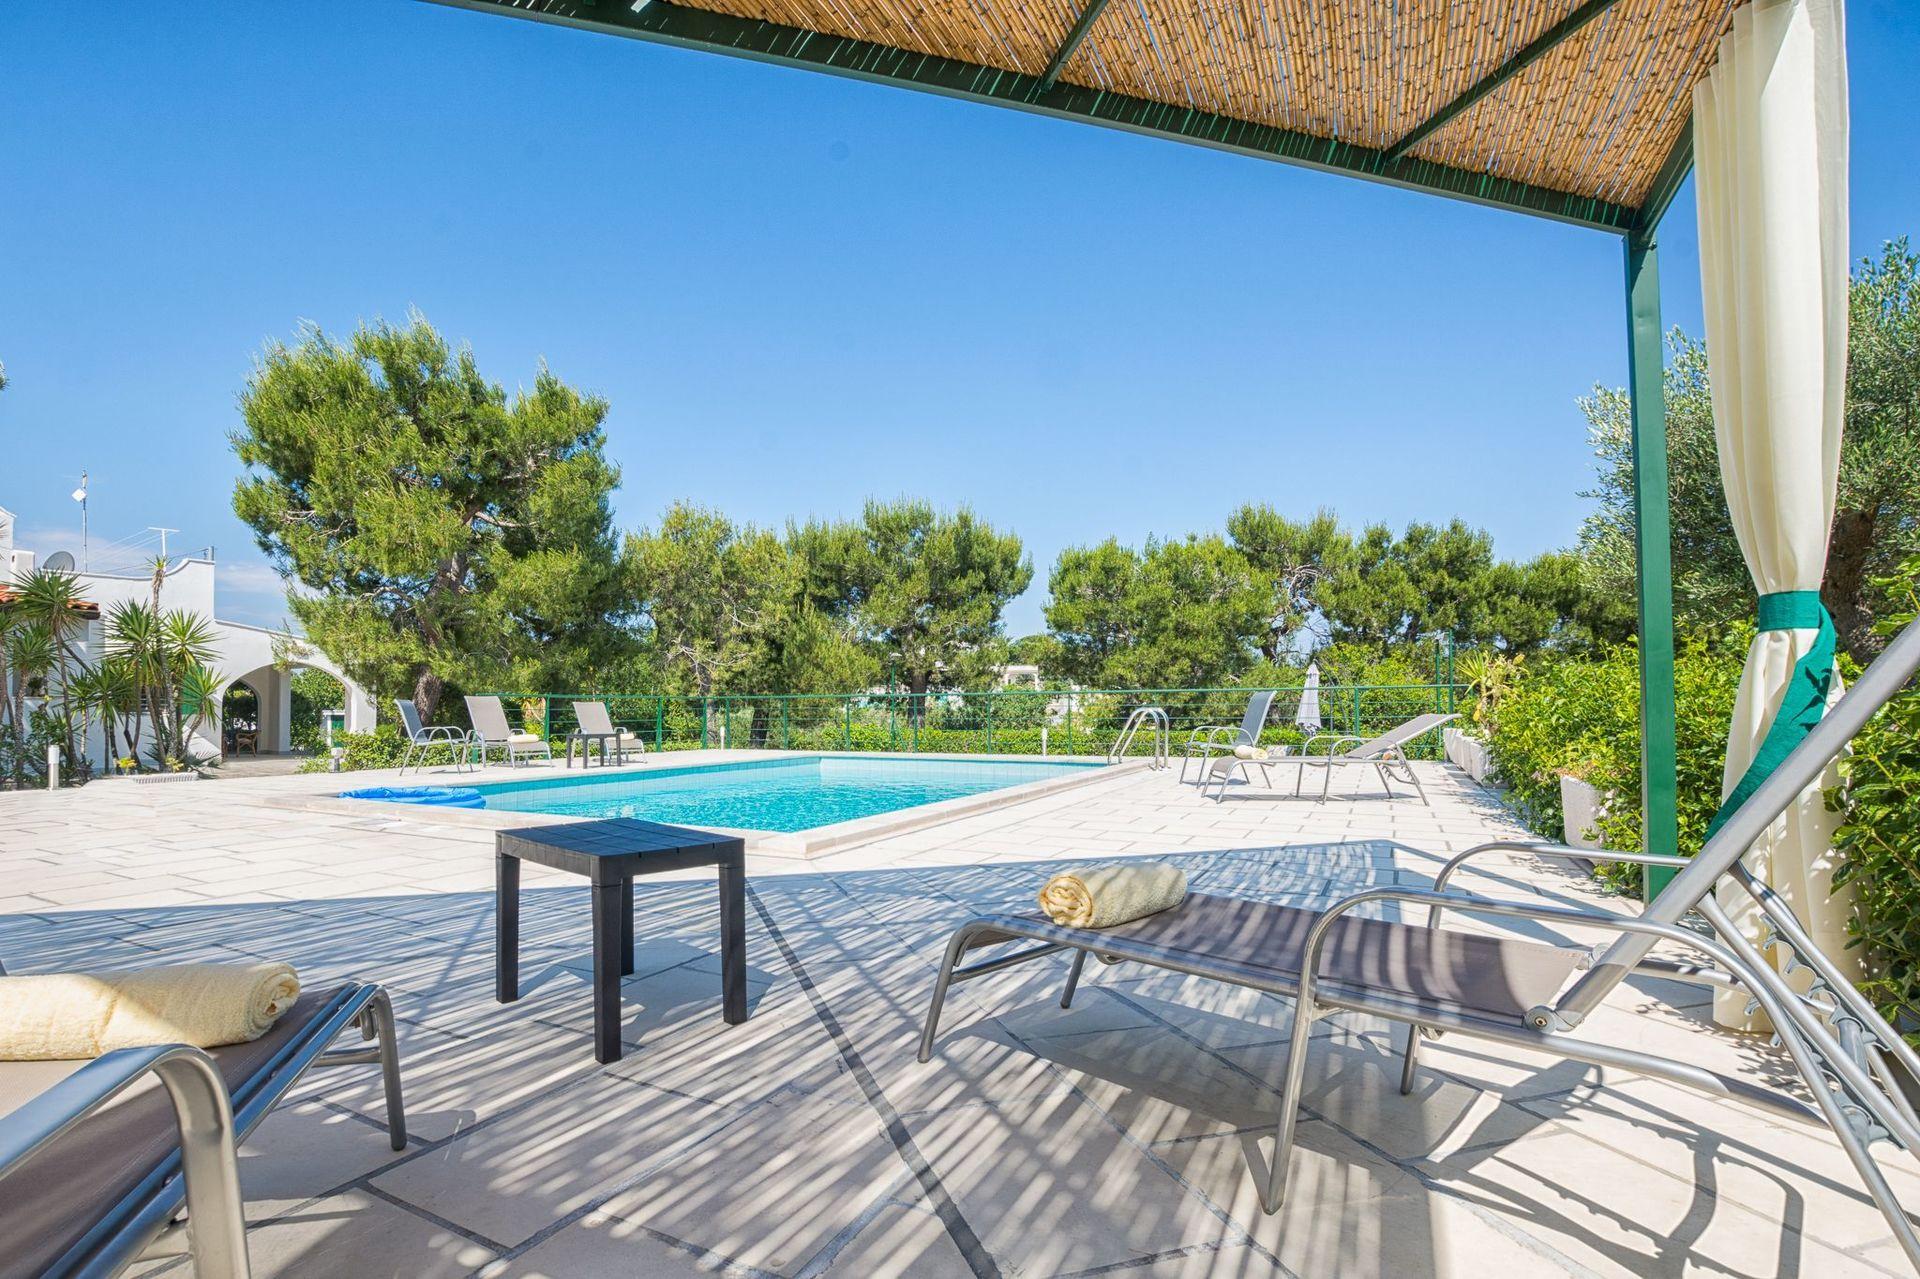 Villa Ines Location De Vacances - Couchages 6 Dans 3 ... encequiconcerne Chambre D Hotel Avec Piscine Privée